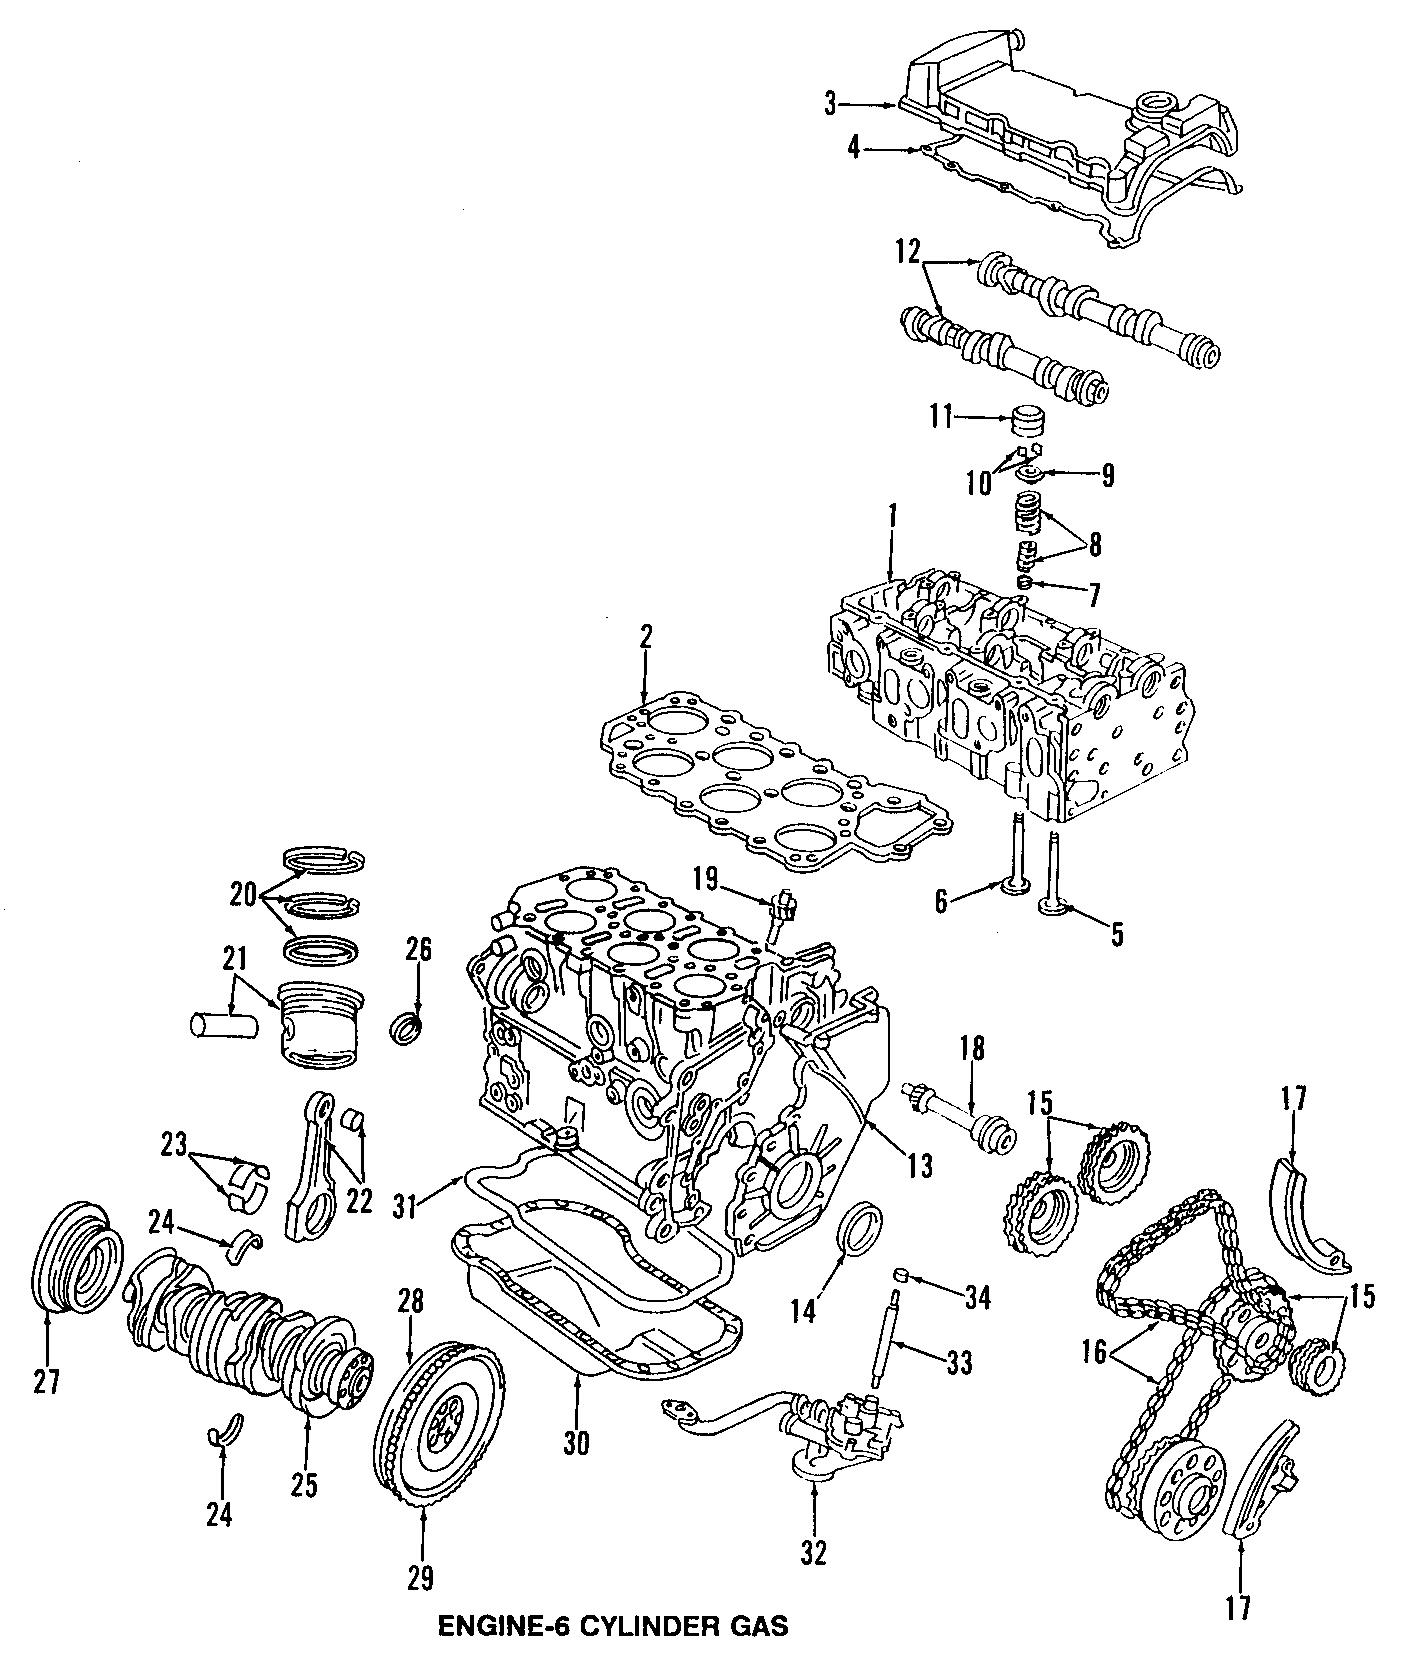 2004 Volkswagen Jetta Mount. ENGINE. 2.8 LITER, w/24 valve